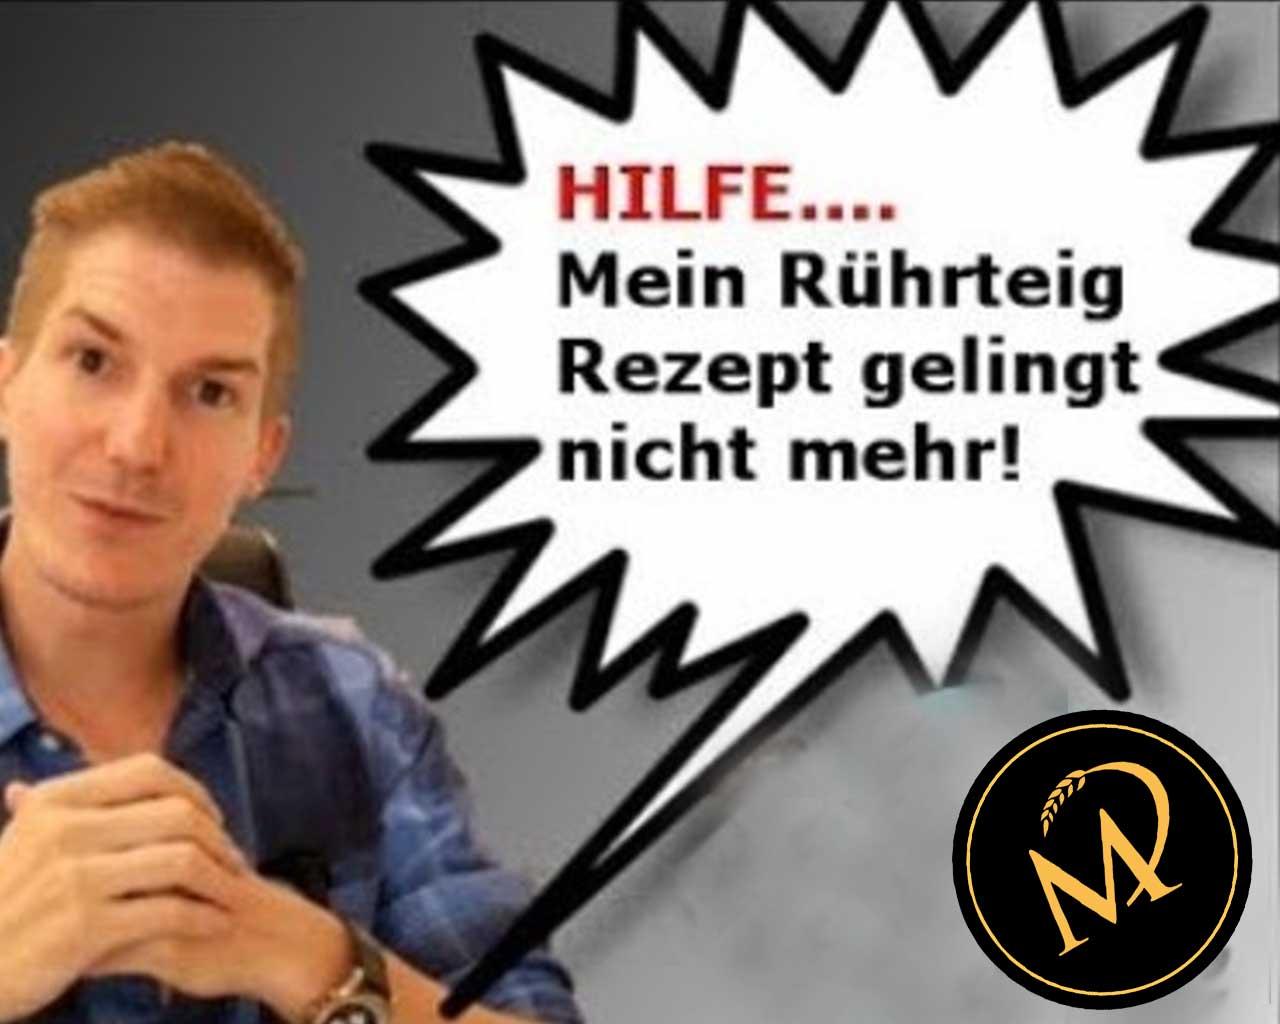 Rührteig Fehlerquellen - Rezept Marcel Paa